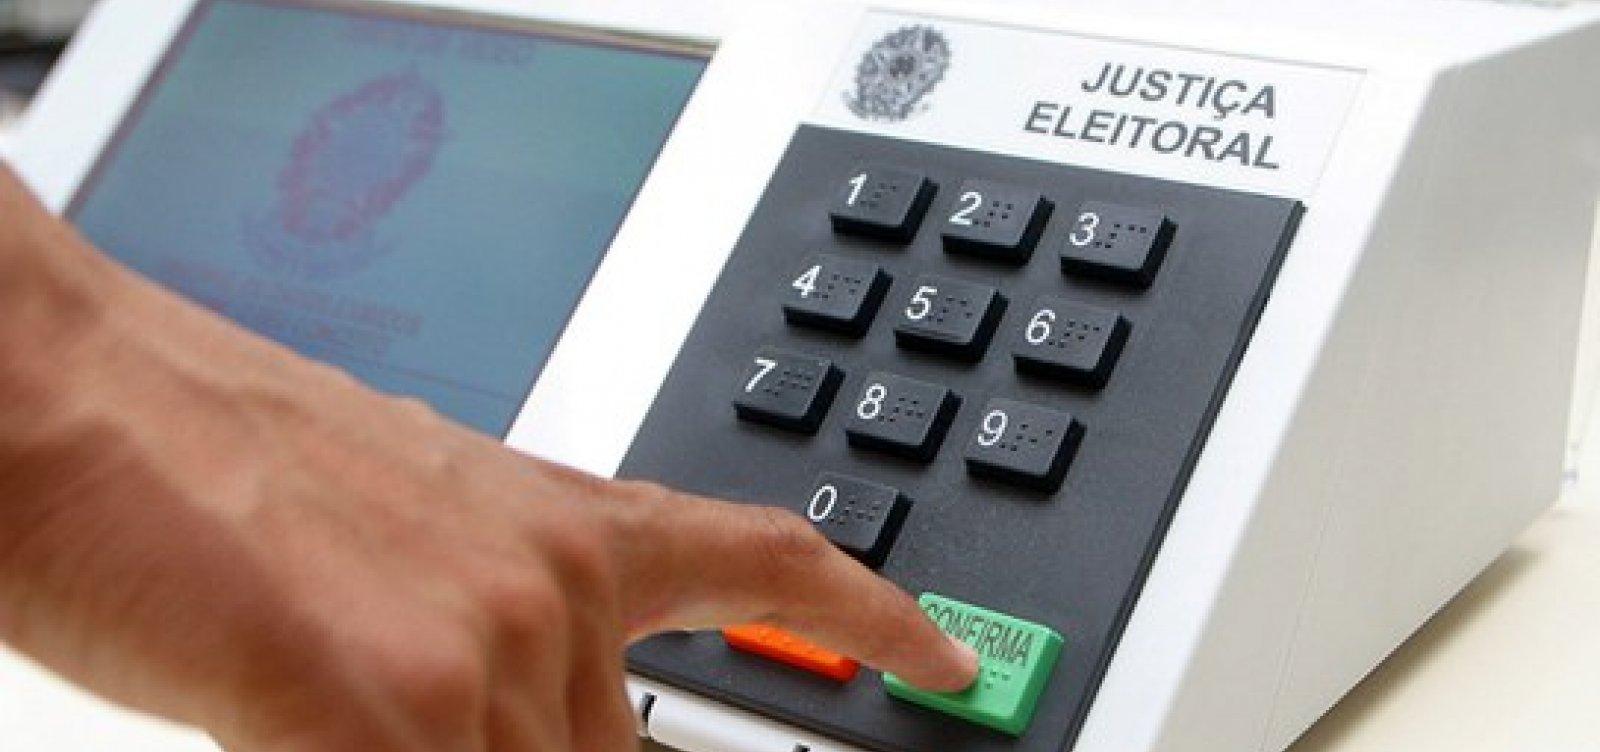 [Eleições municipais: Das candidaturas registradas na Bahia, mais da metade é de homens]